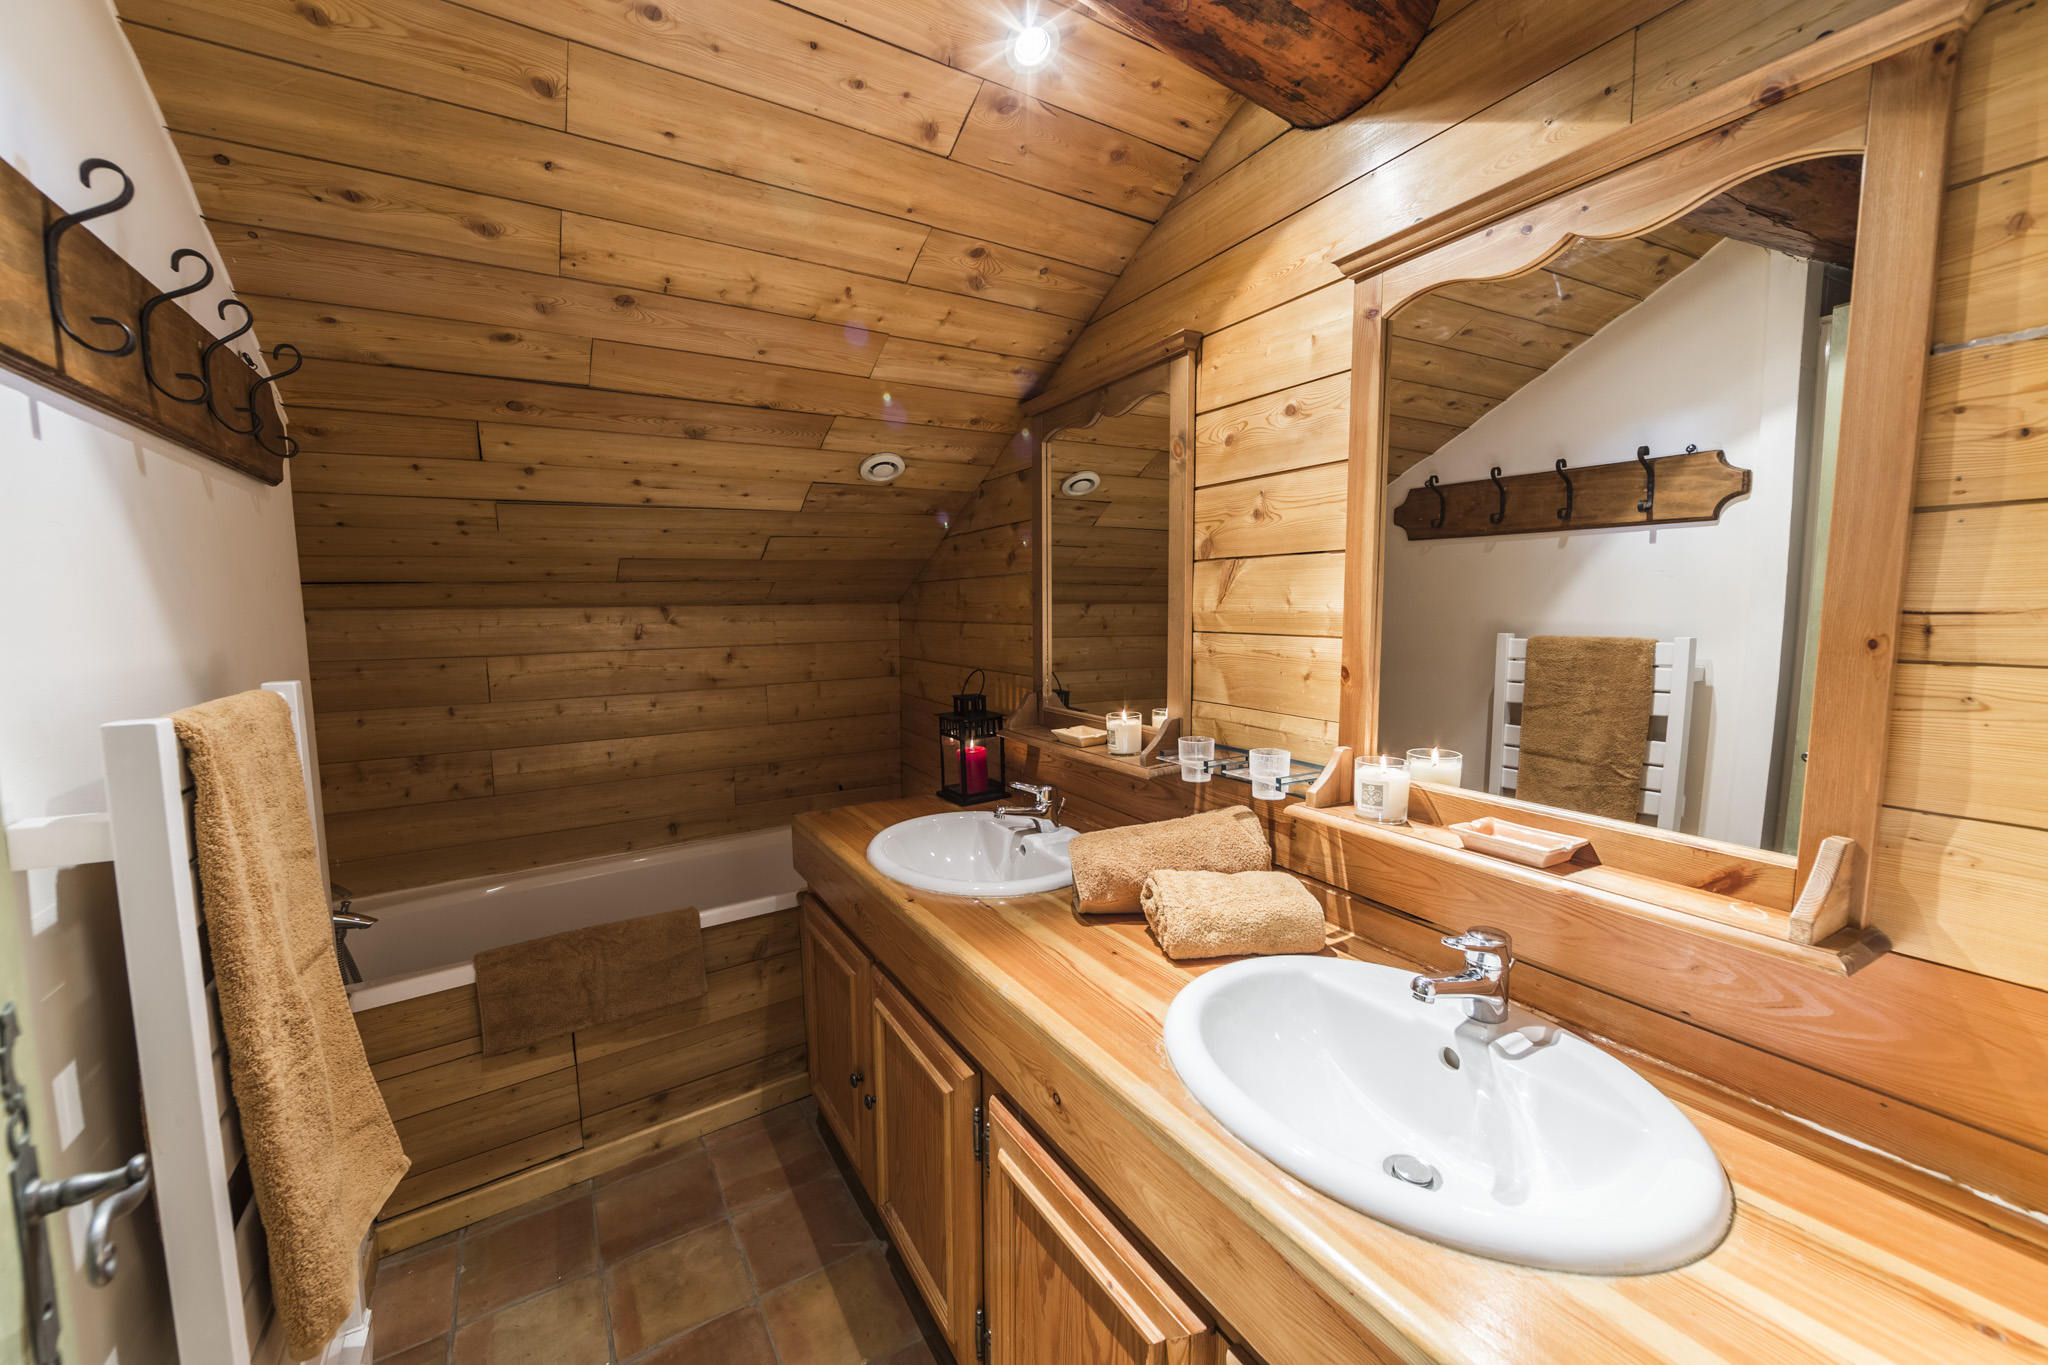 Salle De Bain Chalet salle-de-bain-chaleureuse-chalet | chalet les boulons